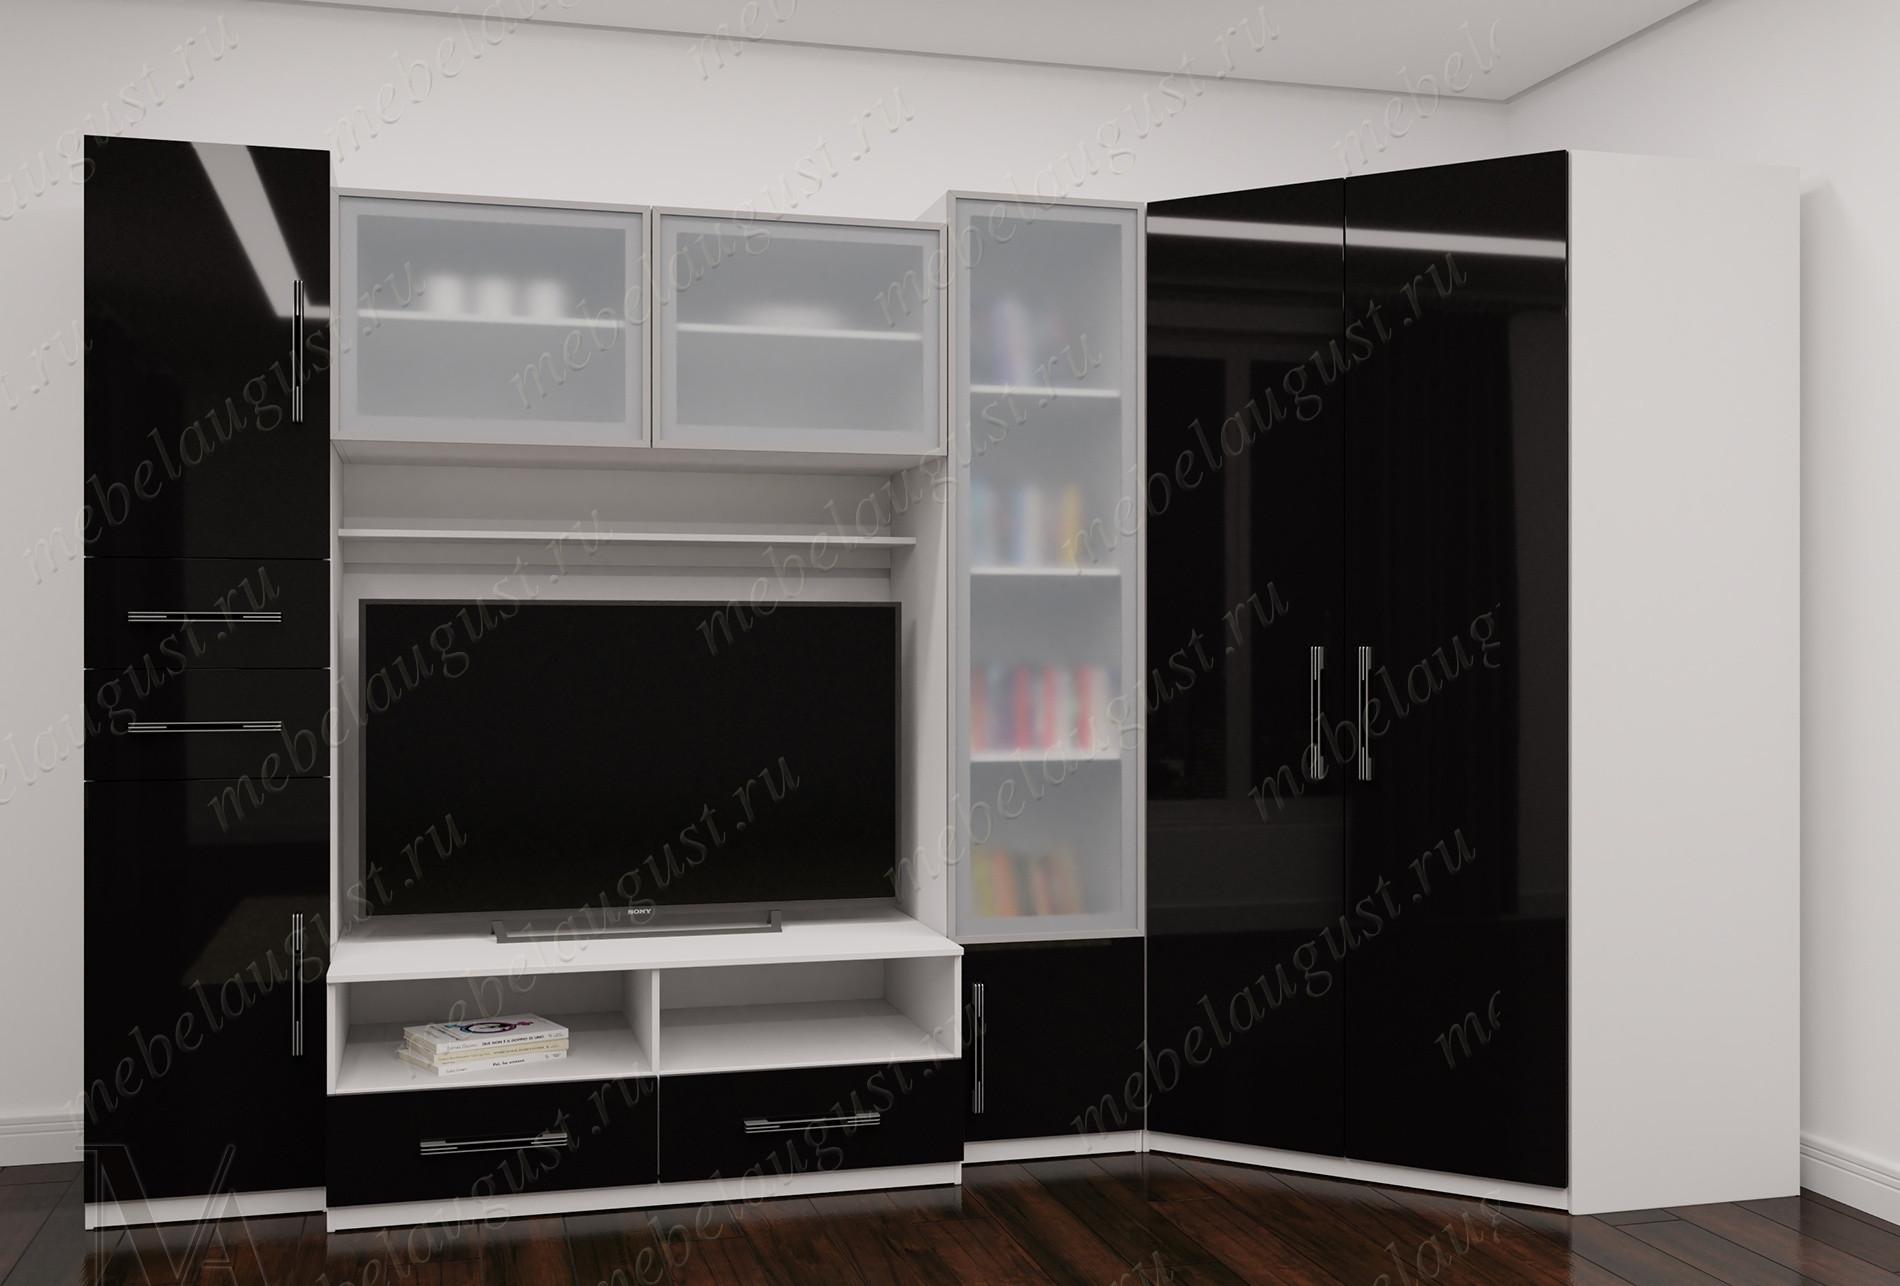 Черно-белая глянцевая мебельная стенка с полкой под тв